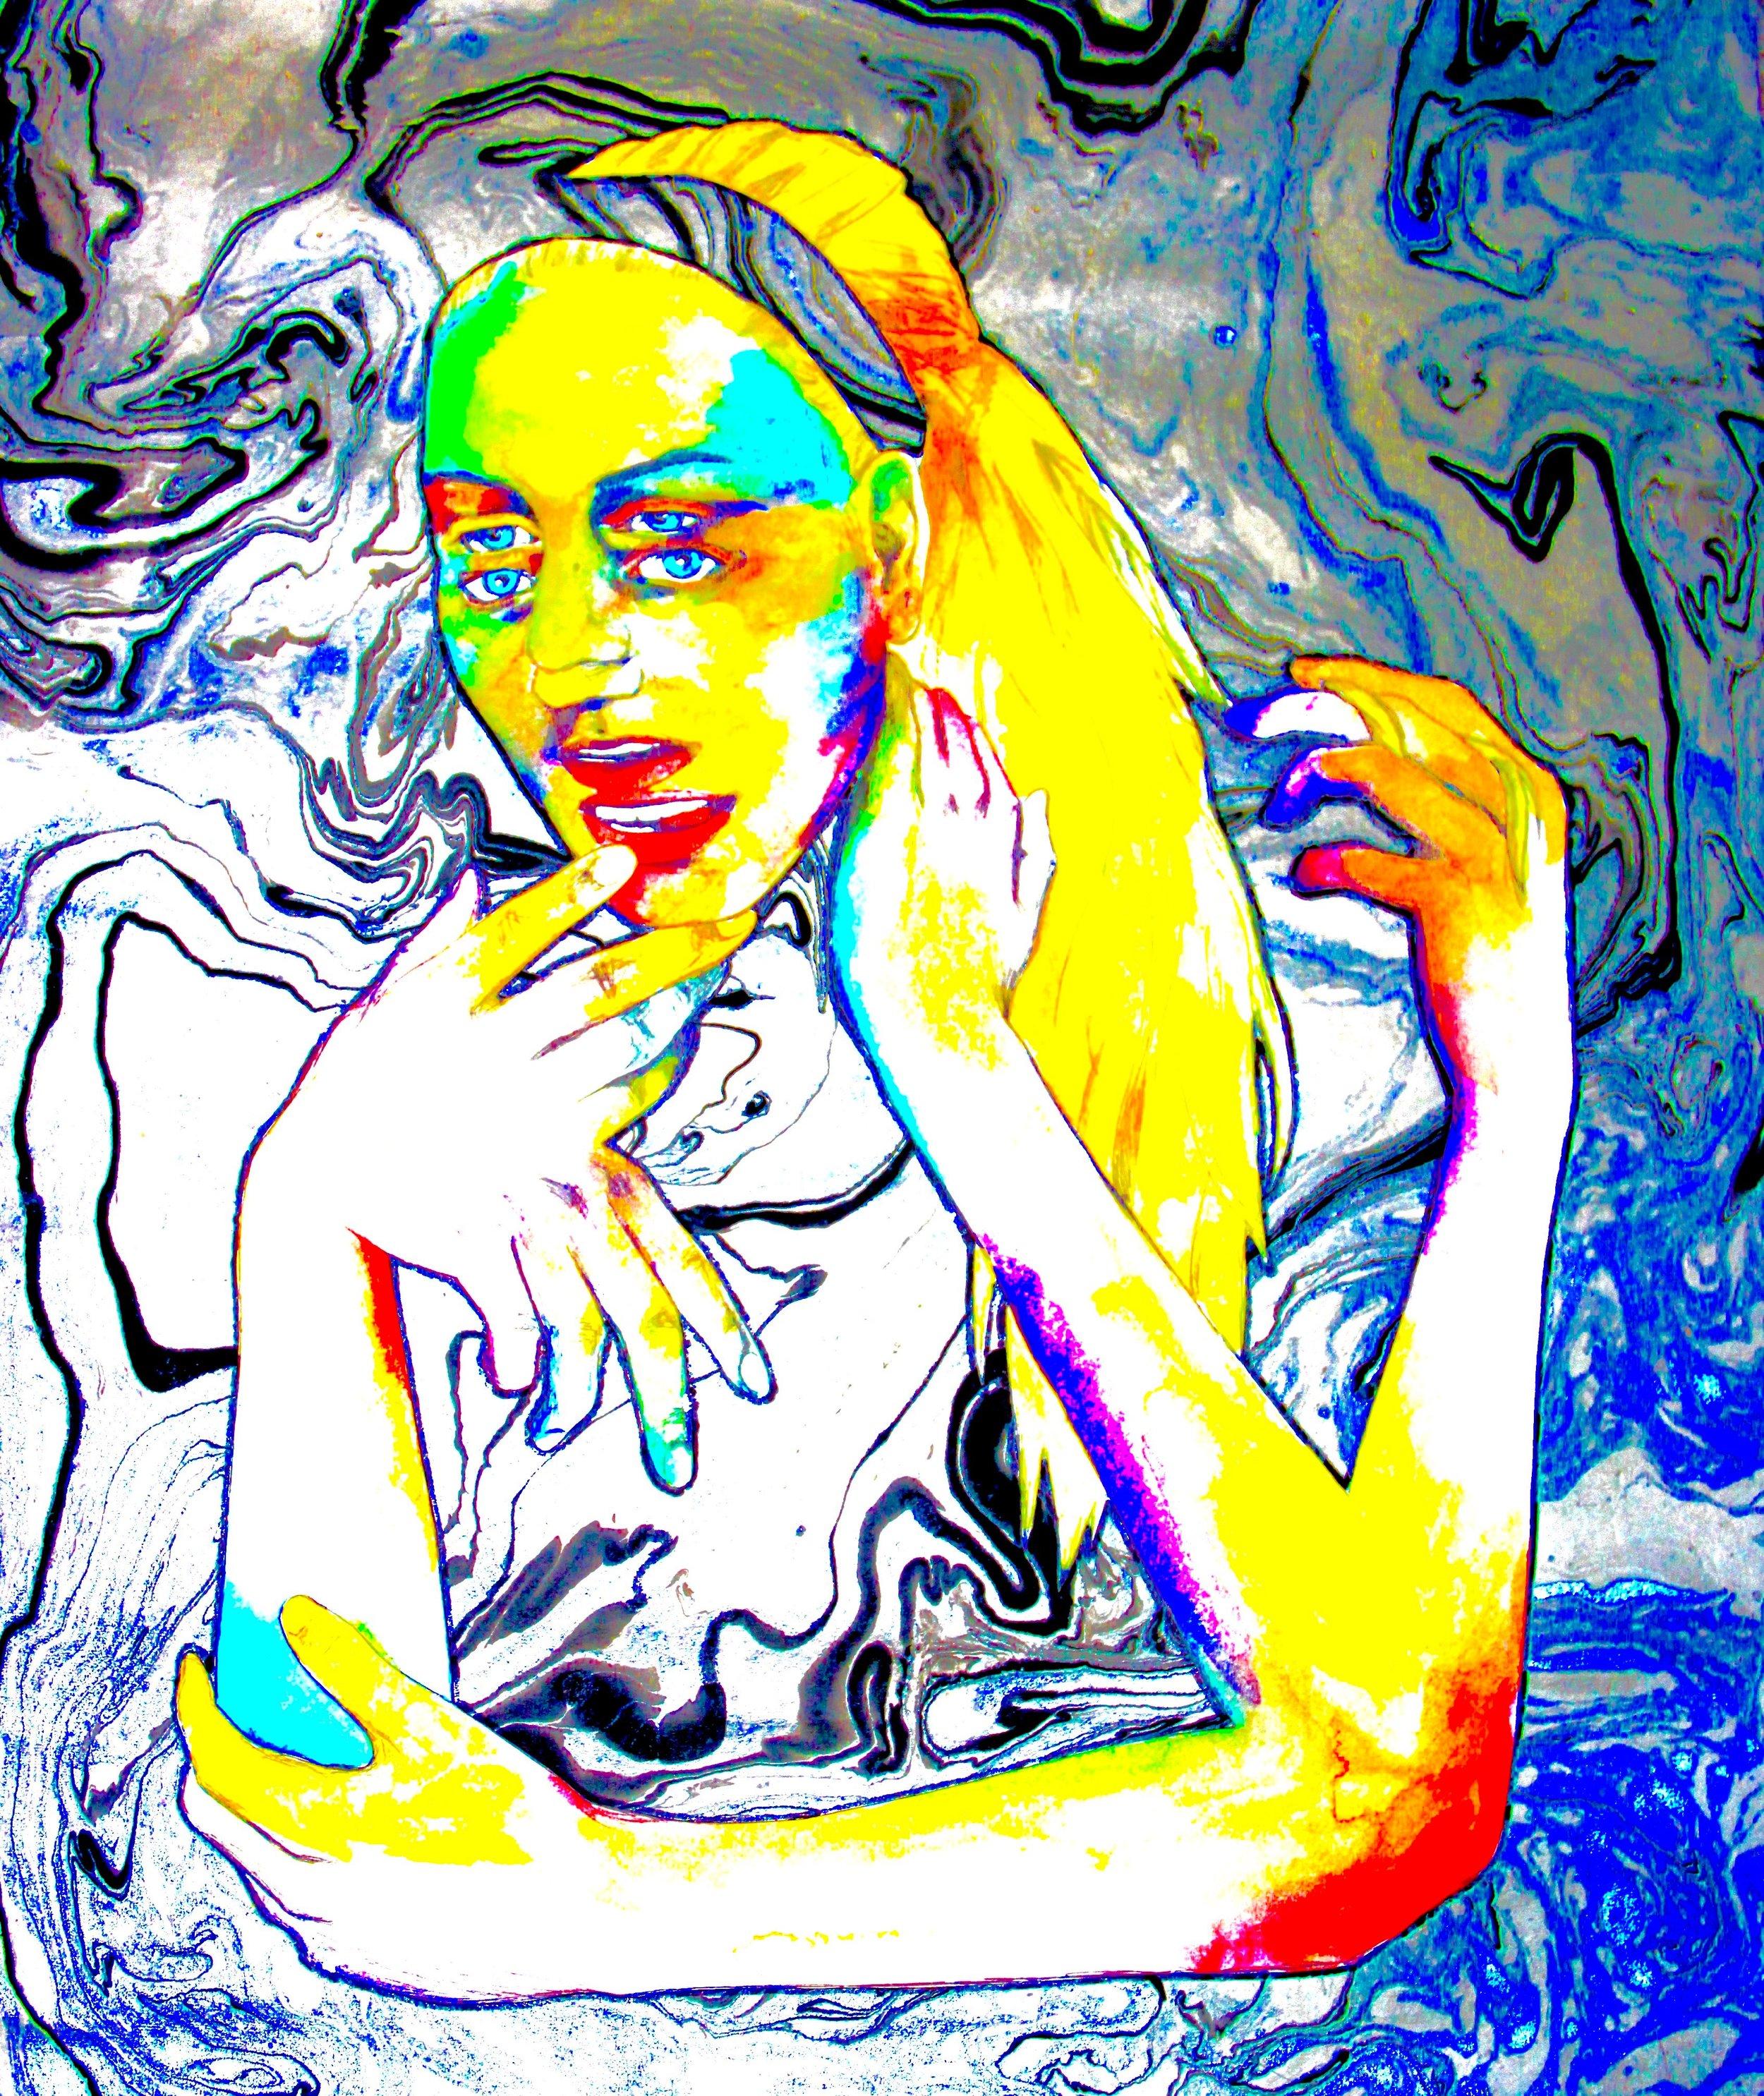 Transient 2014, bic pen, watercolor, craft paper & digital edit